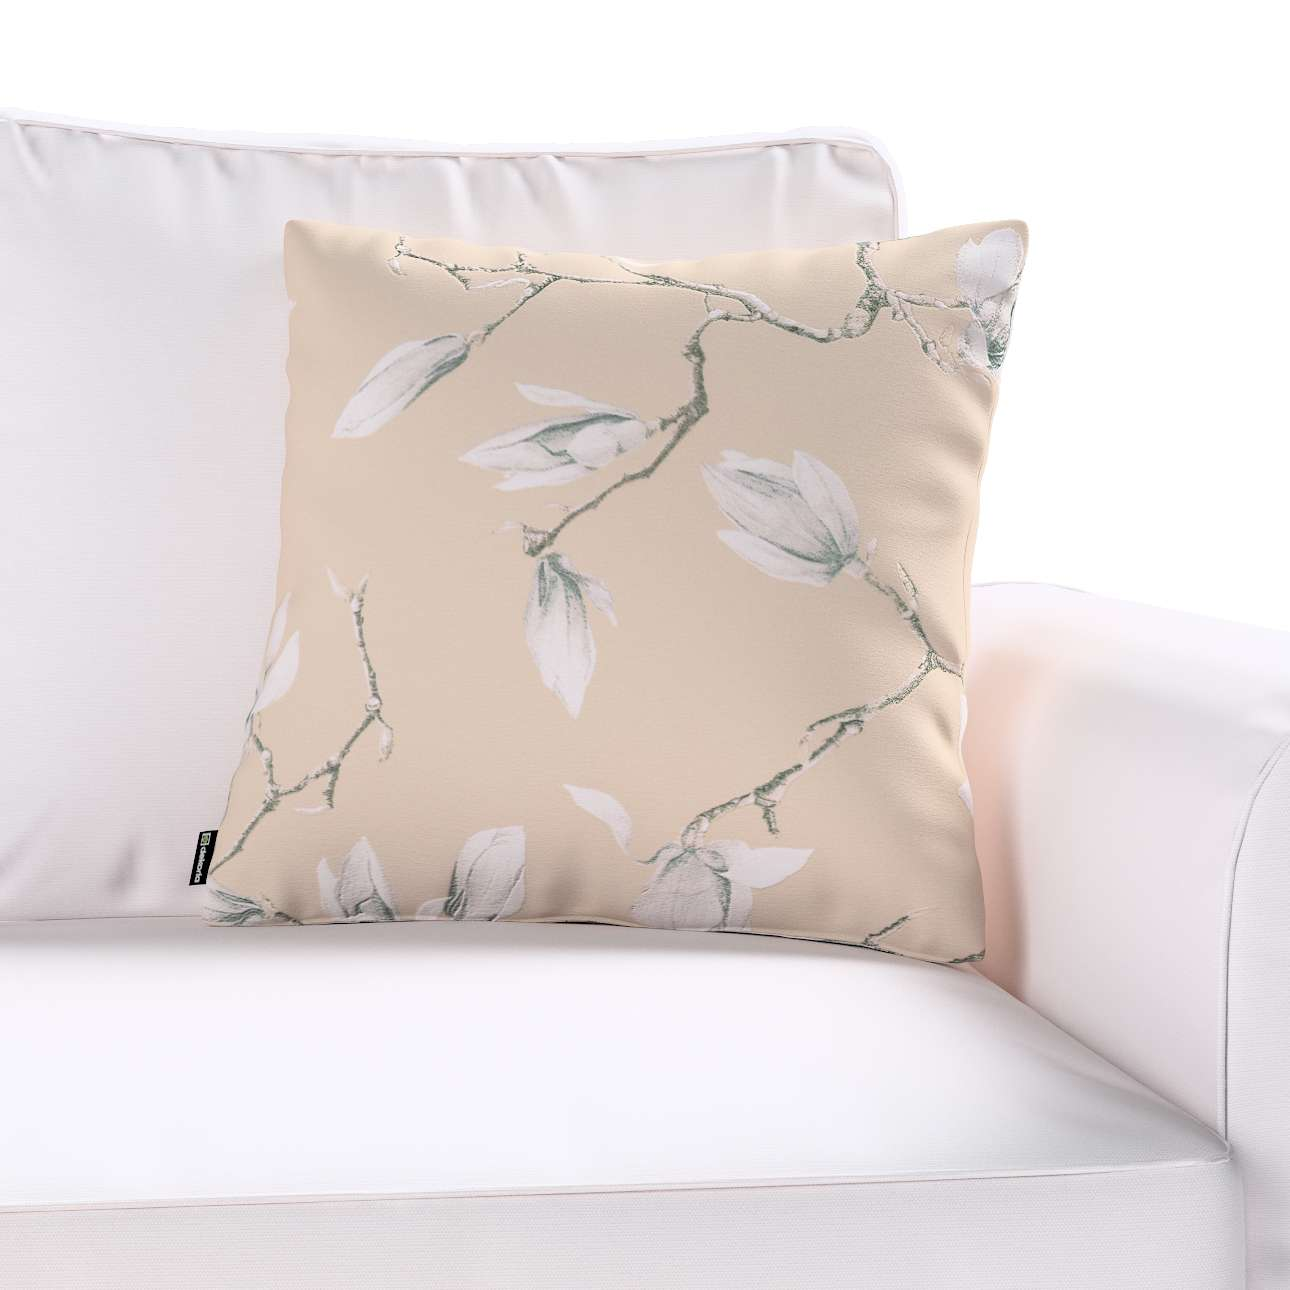 Poszewka Kinga na poduszkę w kolekcji Flowers, tkanina: 311-12